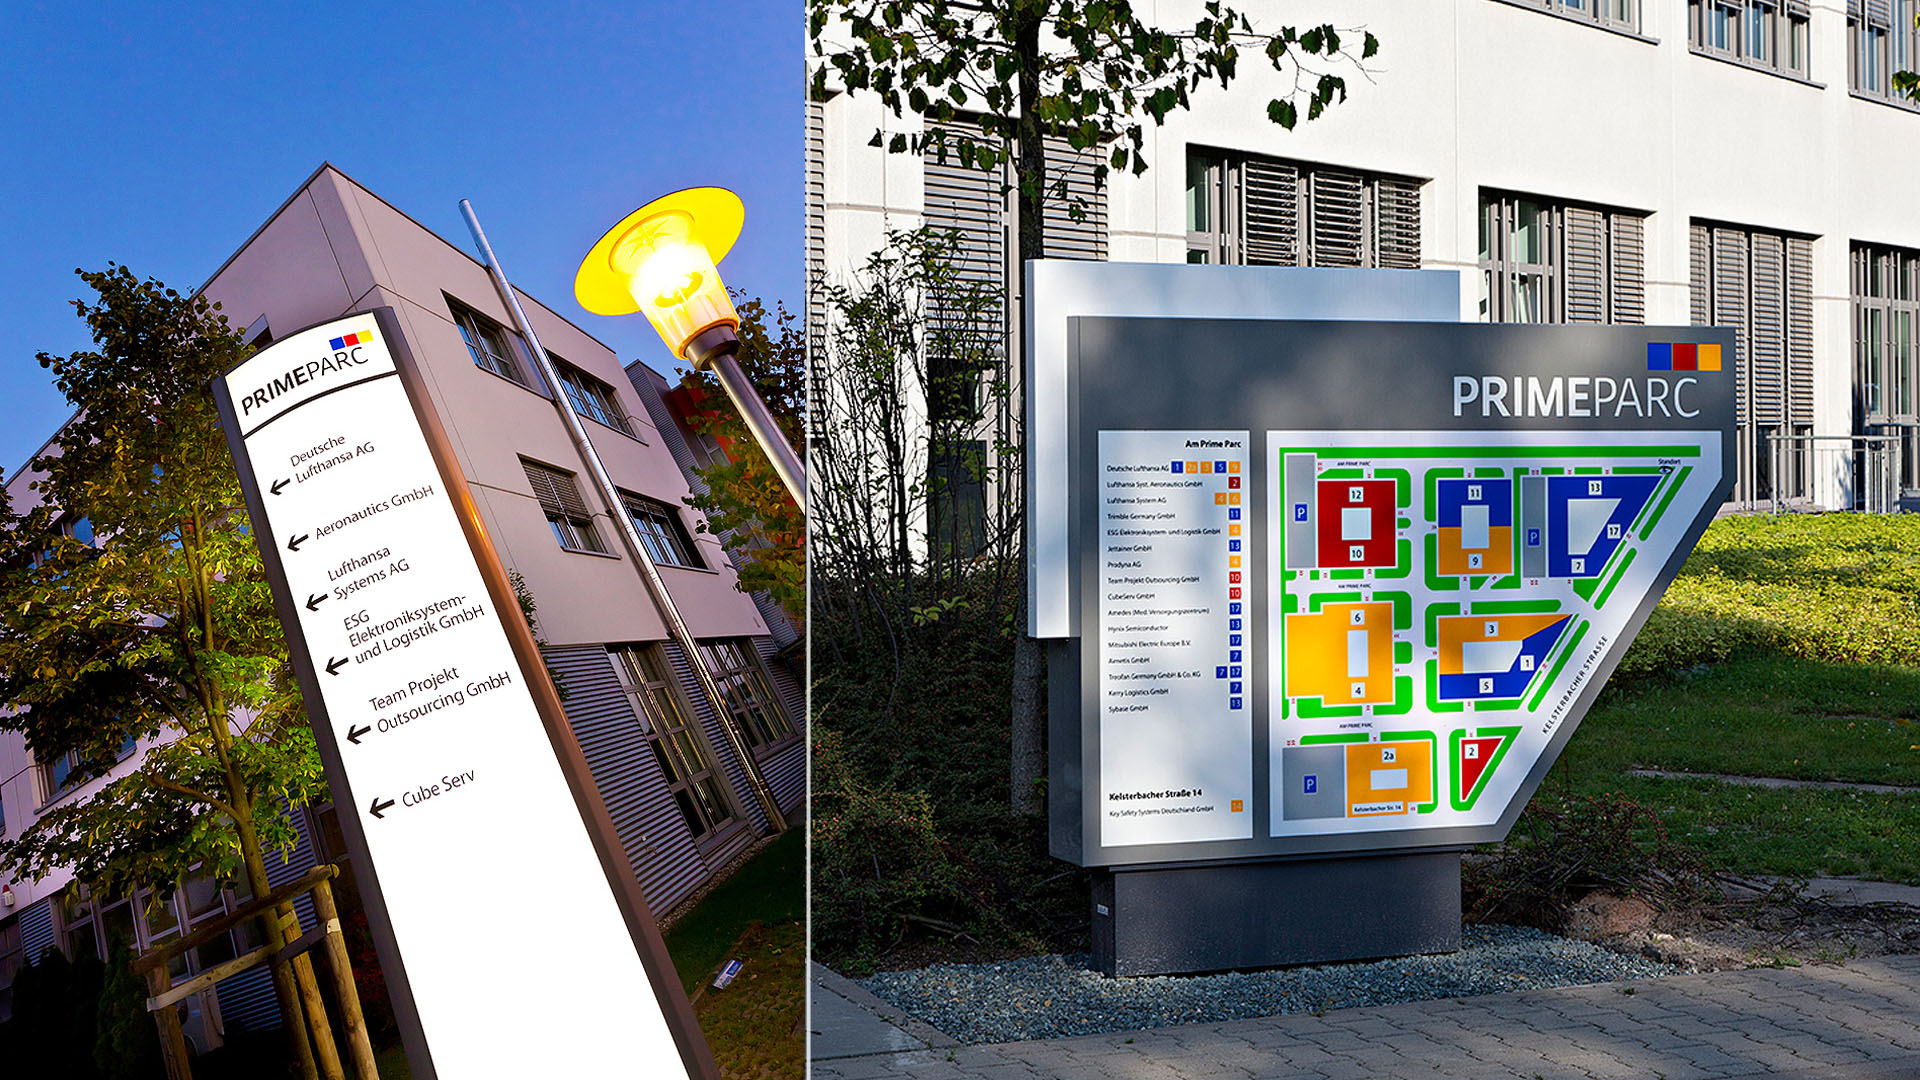 MAASS-Lichtplanung_Licht-Leitsystem im Außenraum__MAASS-Prime-Parc-005